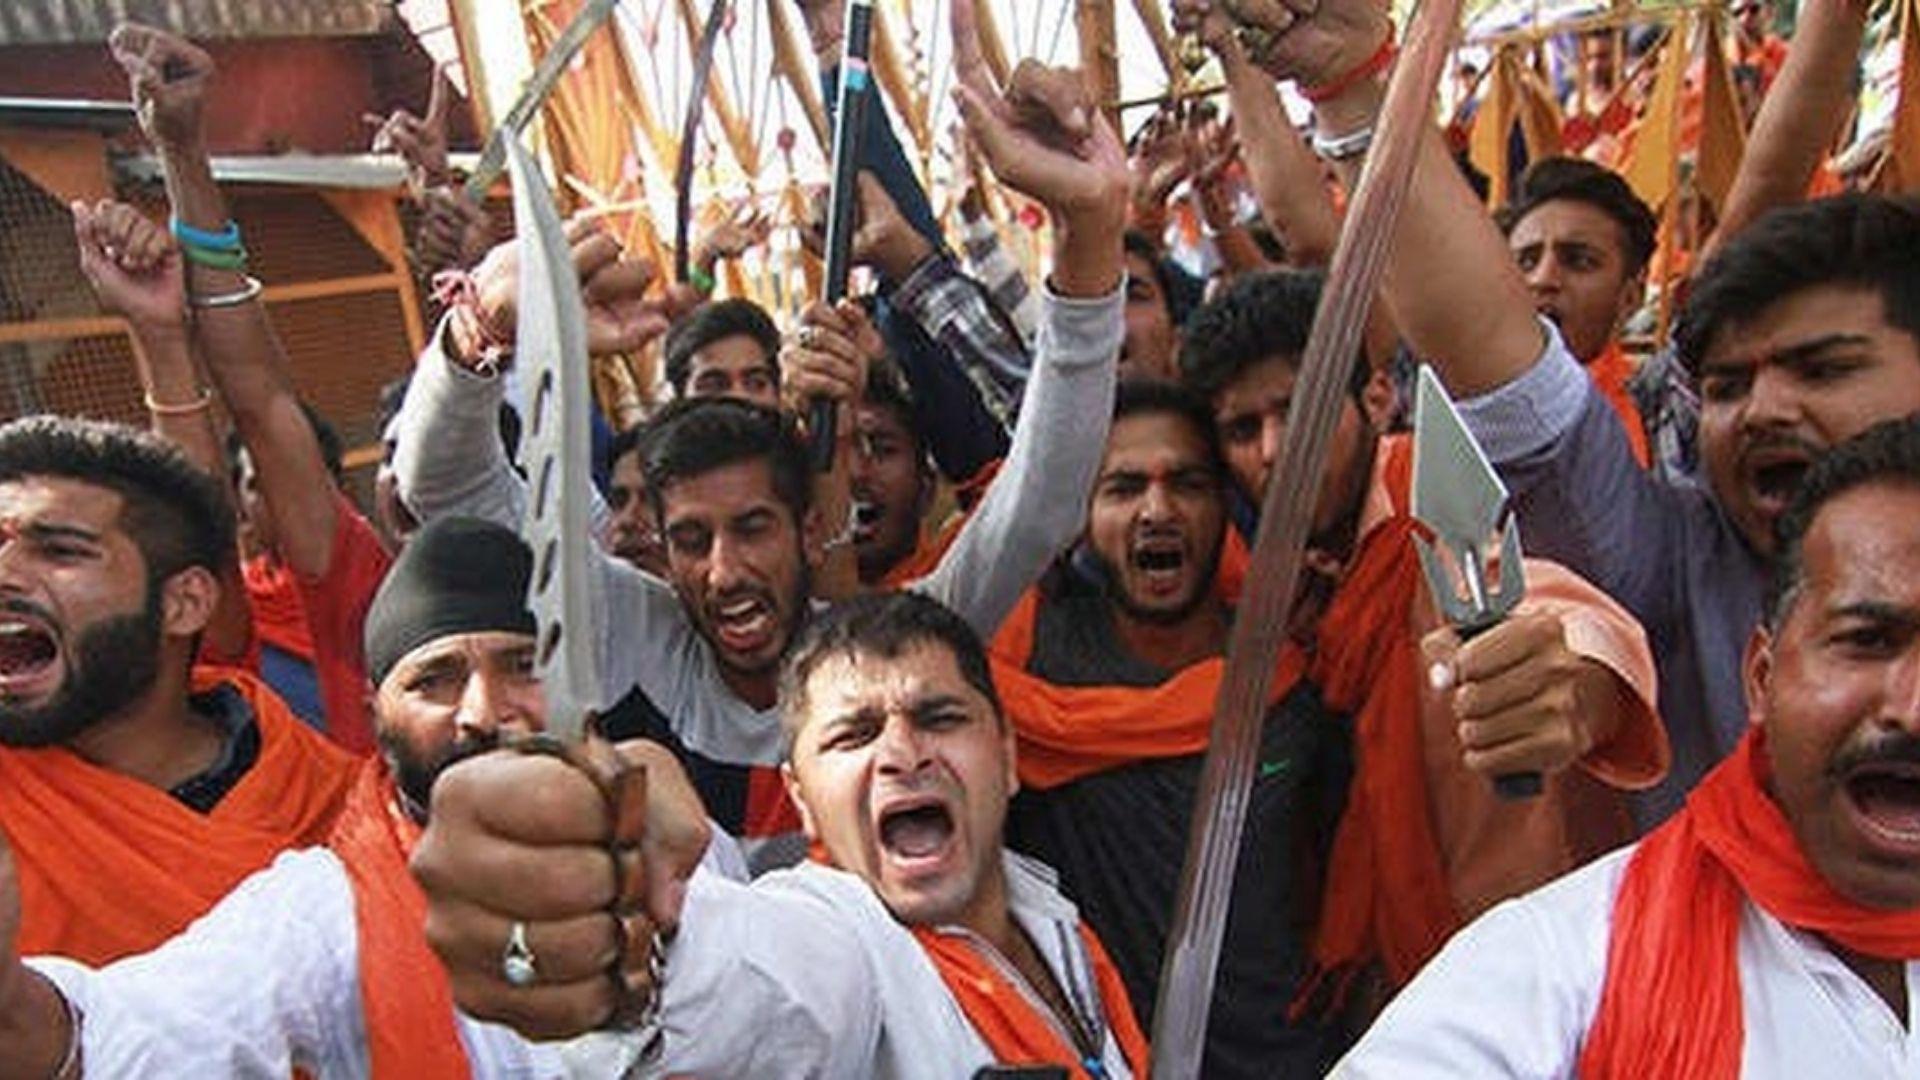 Índia teve quase 7 mil casos de perseguição aos cristãos em 2020, segundo Portas Abertas